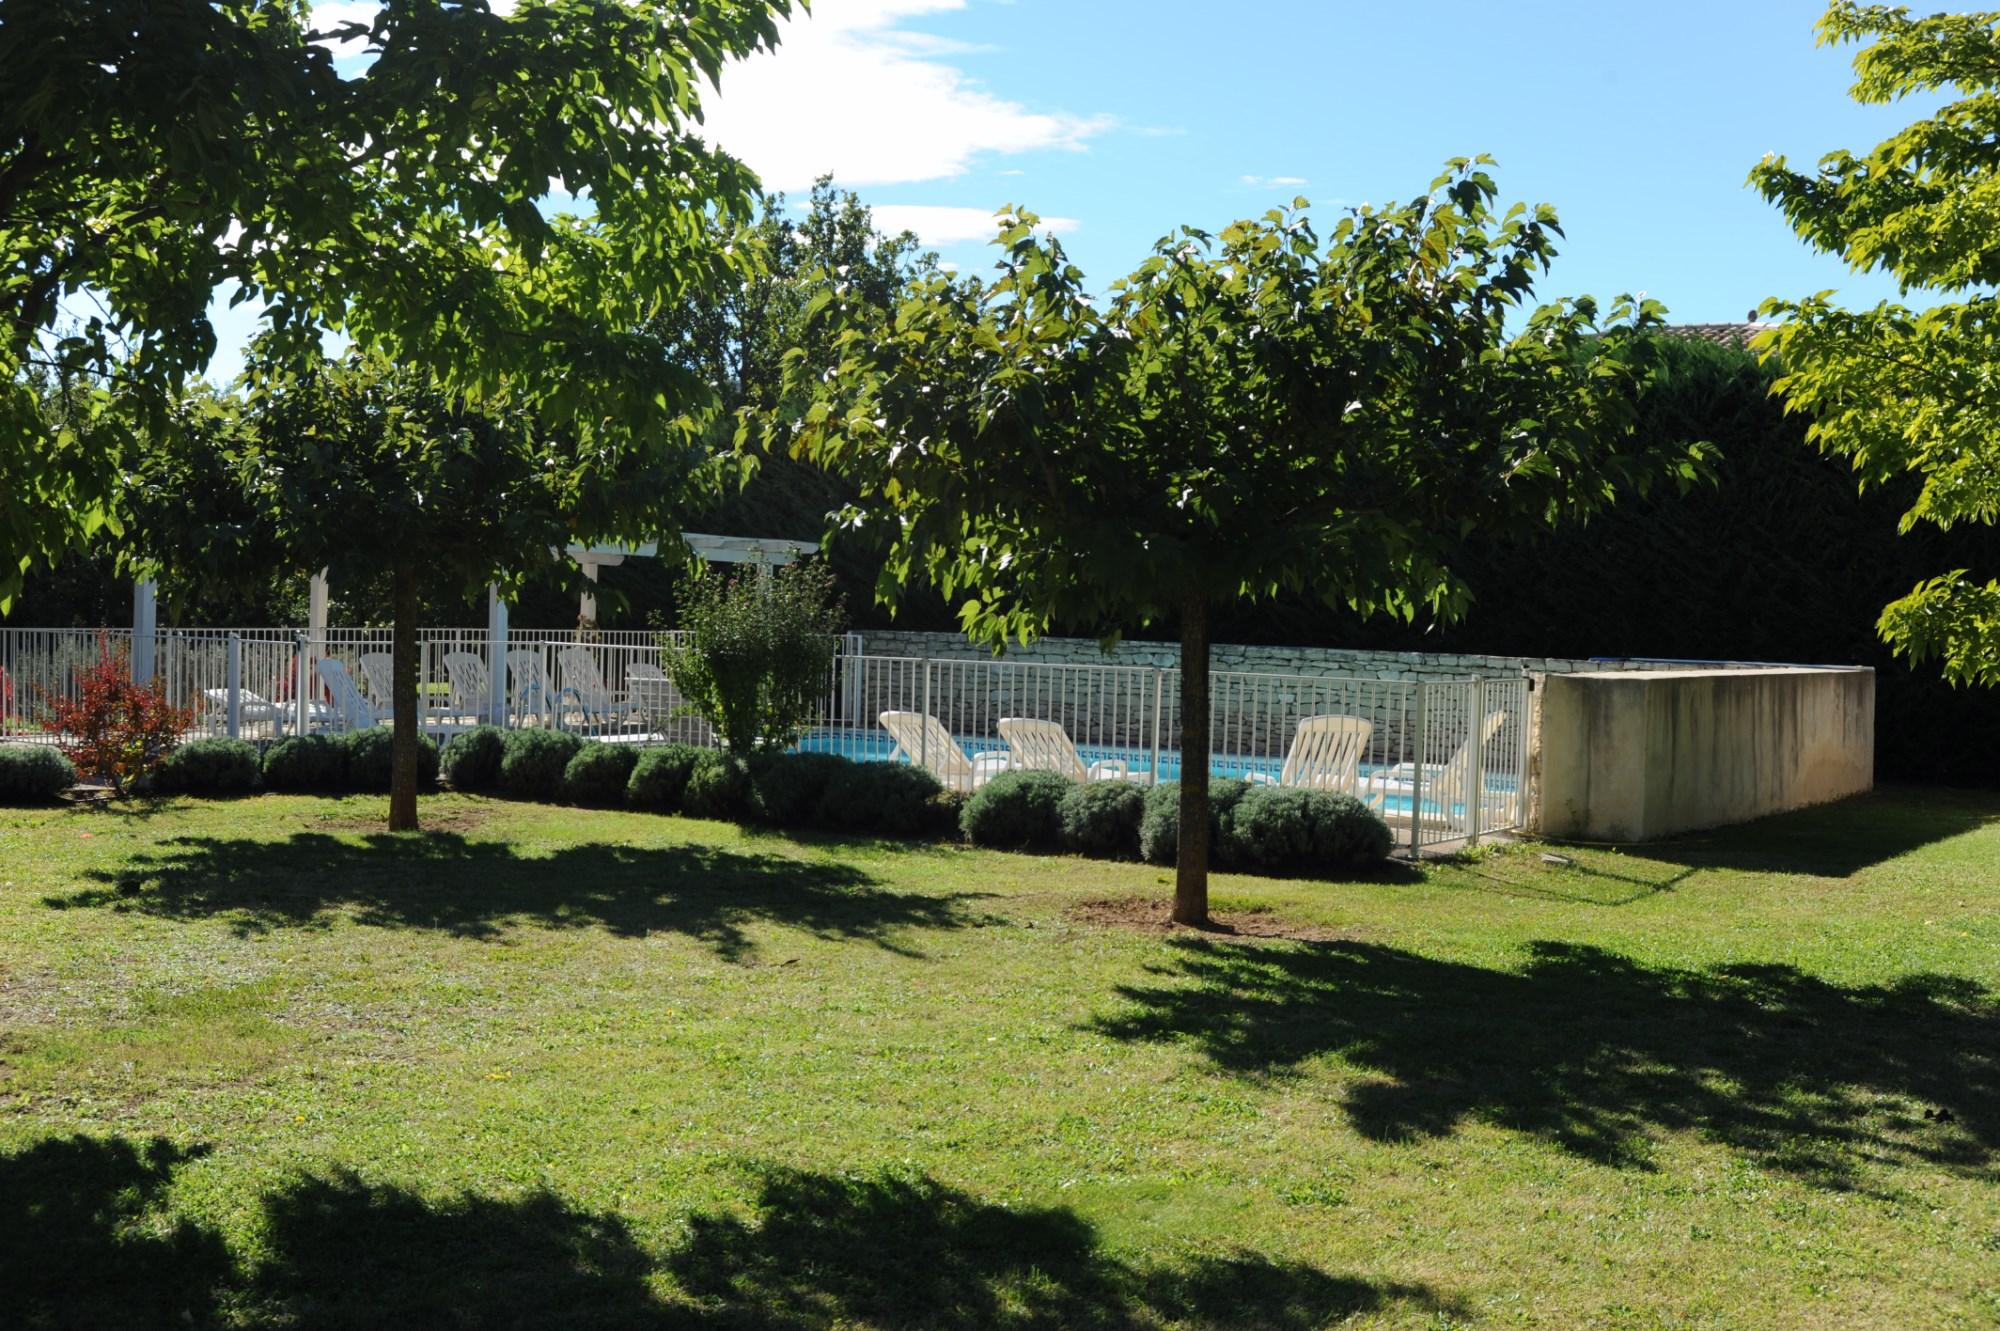 Au pied du village de Gordes, entre Roussillon et Goult, à vendre,  maison en pierres avec piscine sur plus de 3 000 m² de terrain